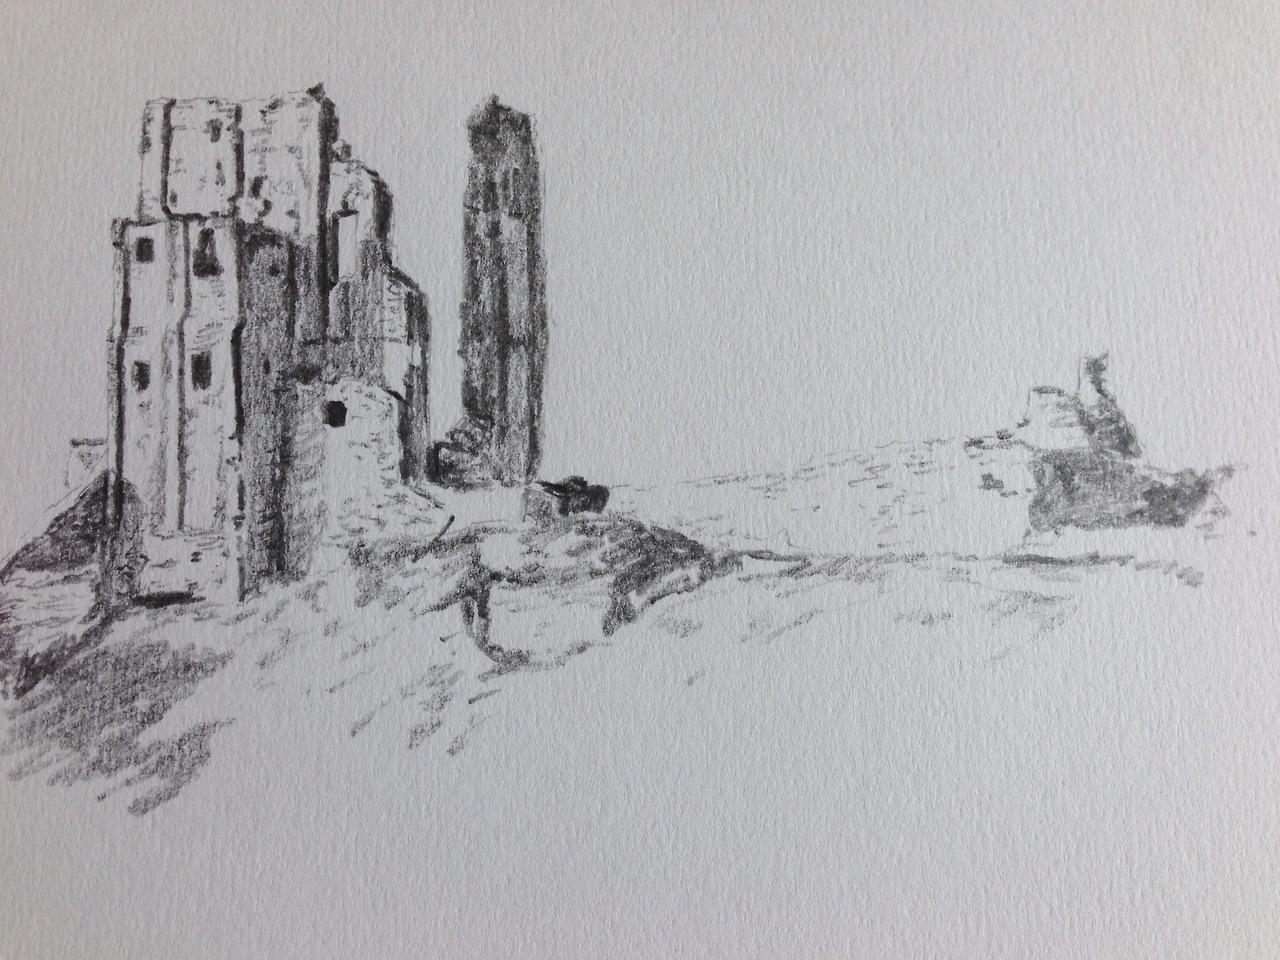 Corfe castle sketch